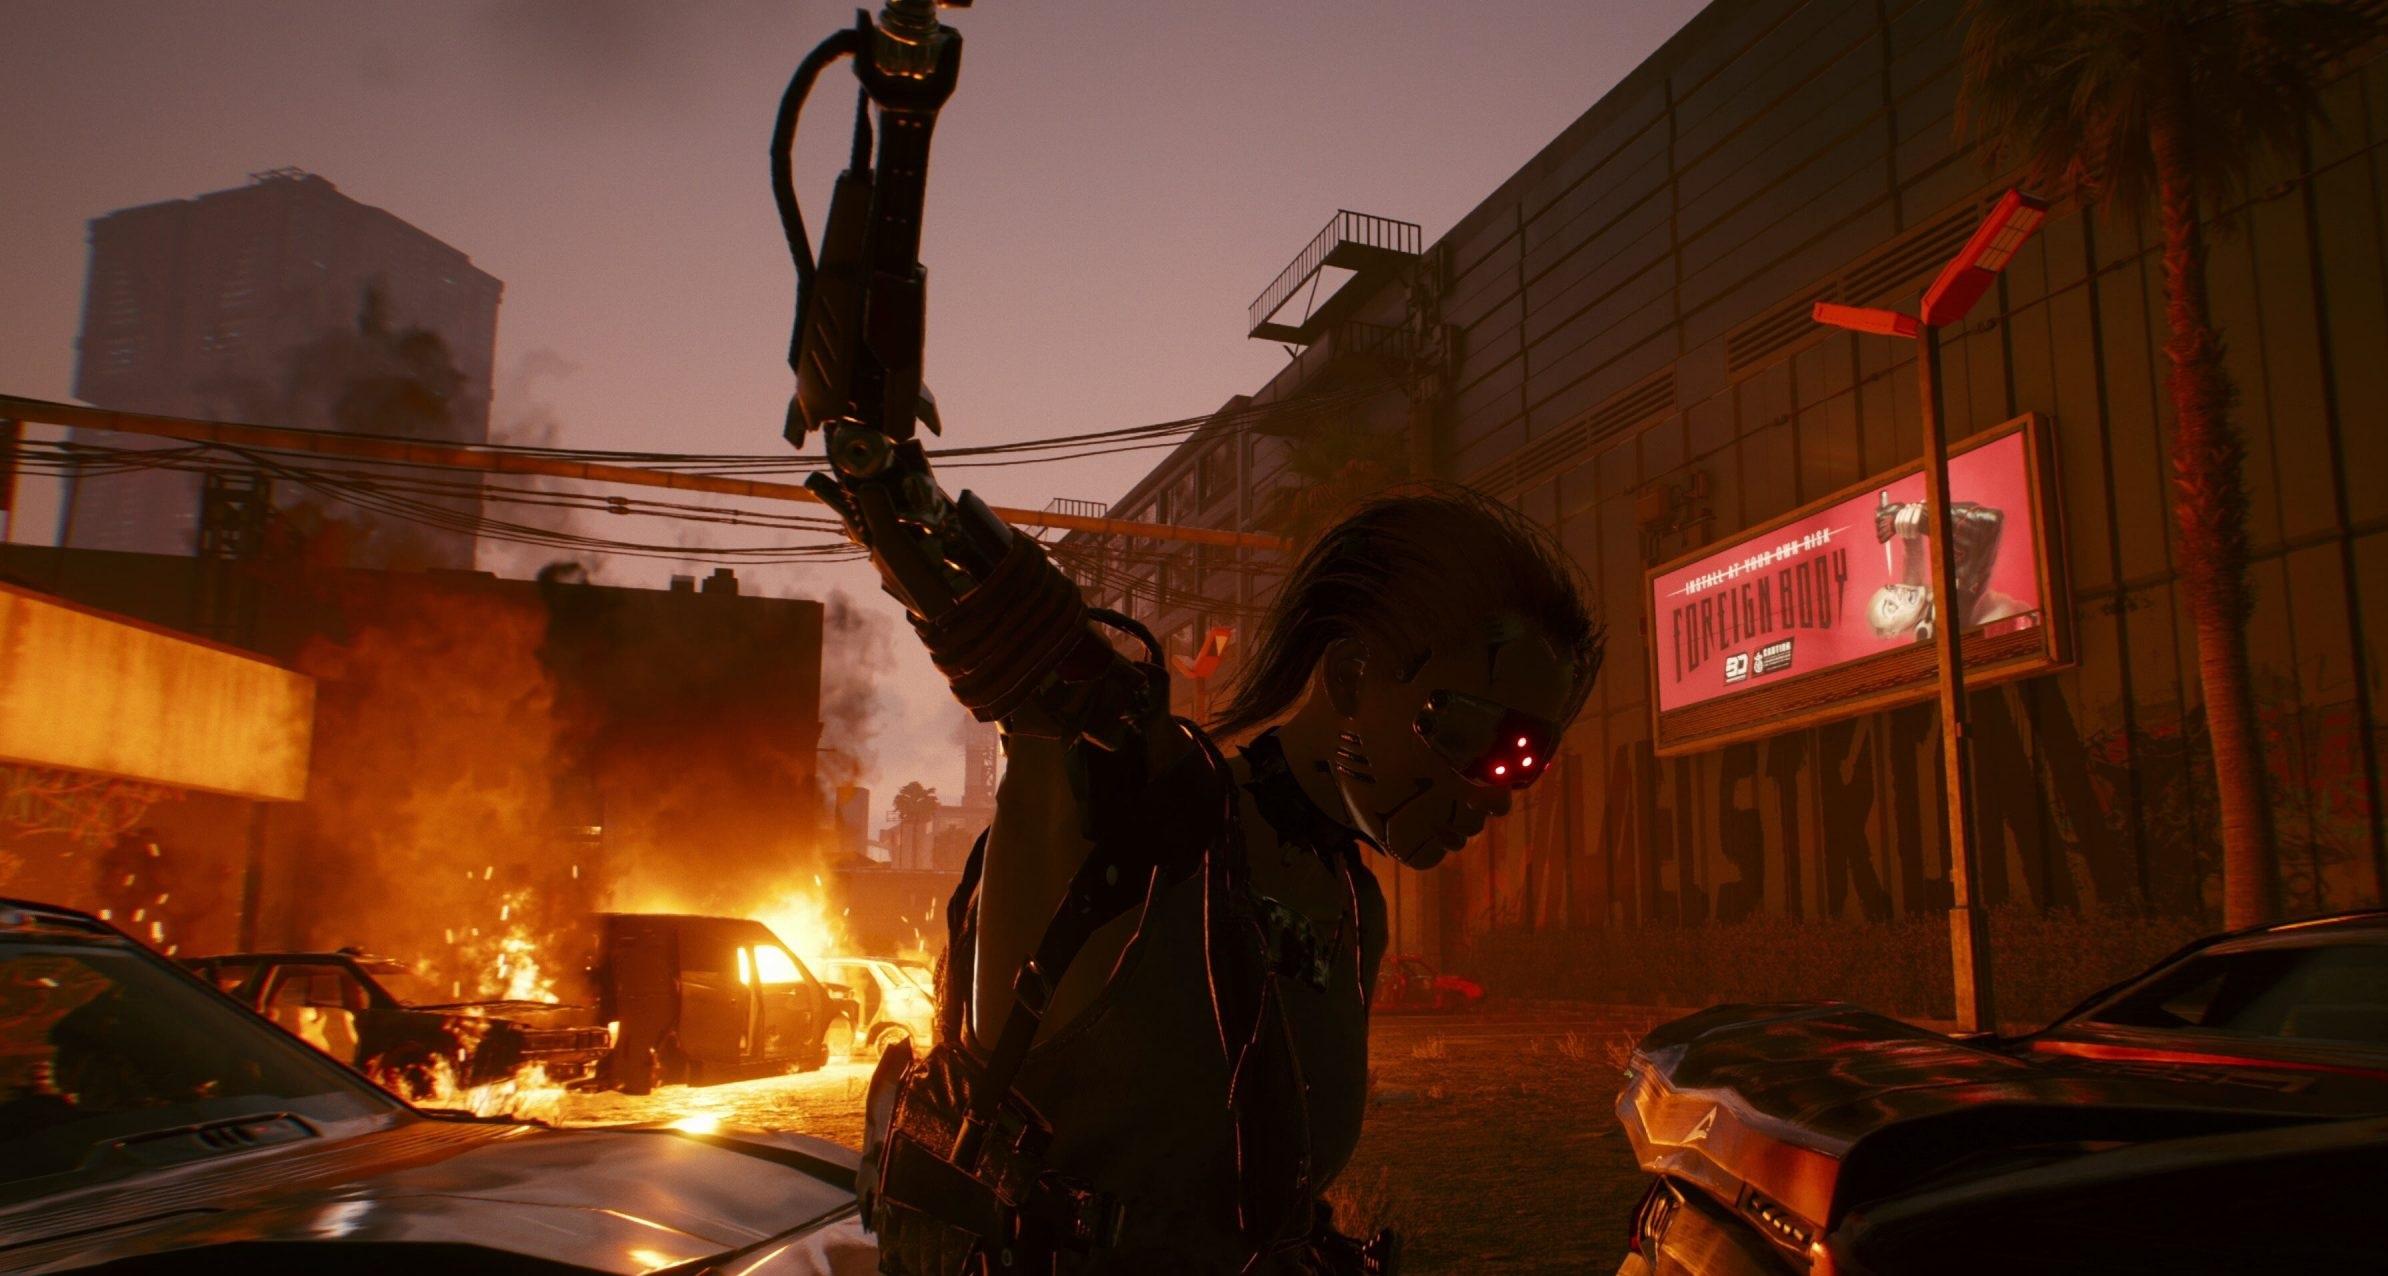 PC Gamer: Не верьте маркетингу Cyberpunk 2077. У игры на самом деле есть душа